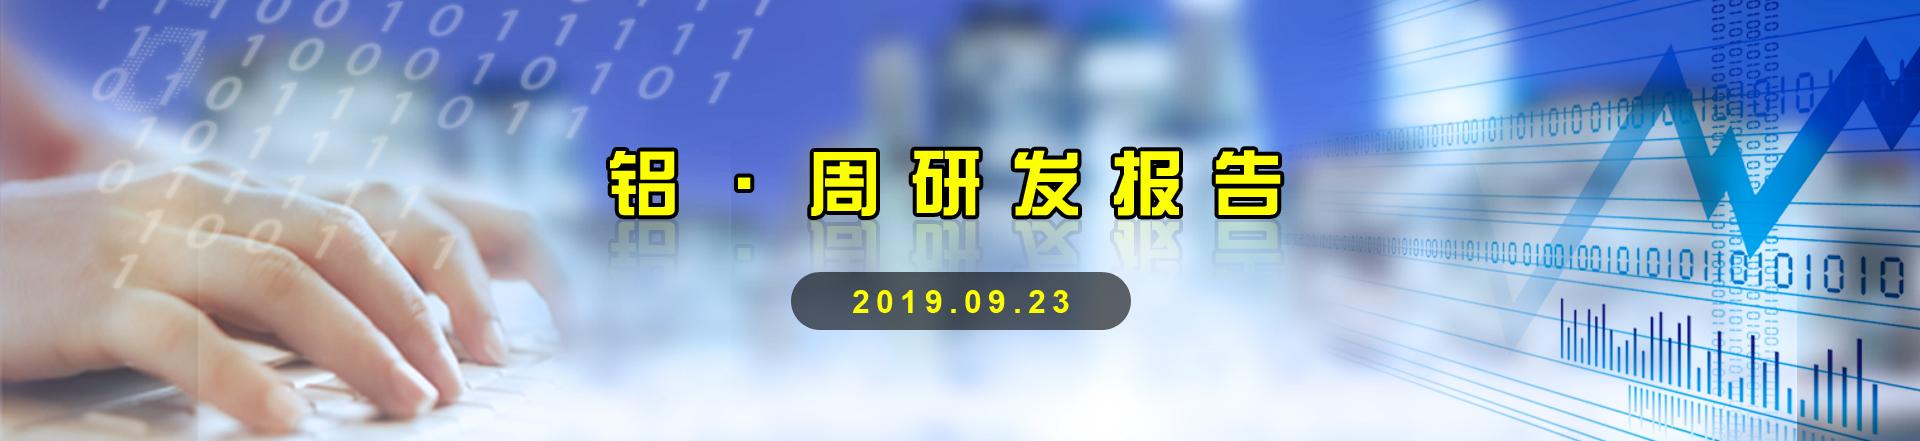 【铝】铝·周研发报告集锦 20190923